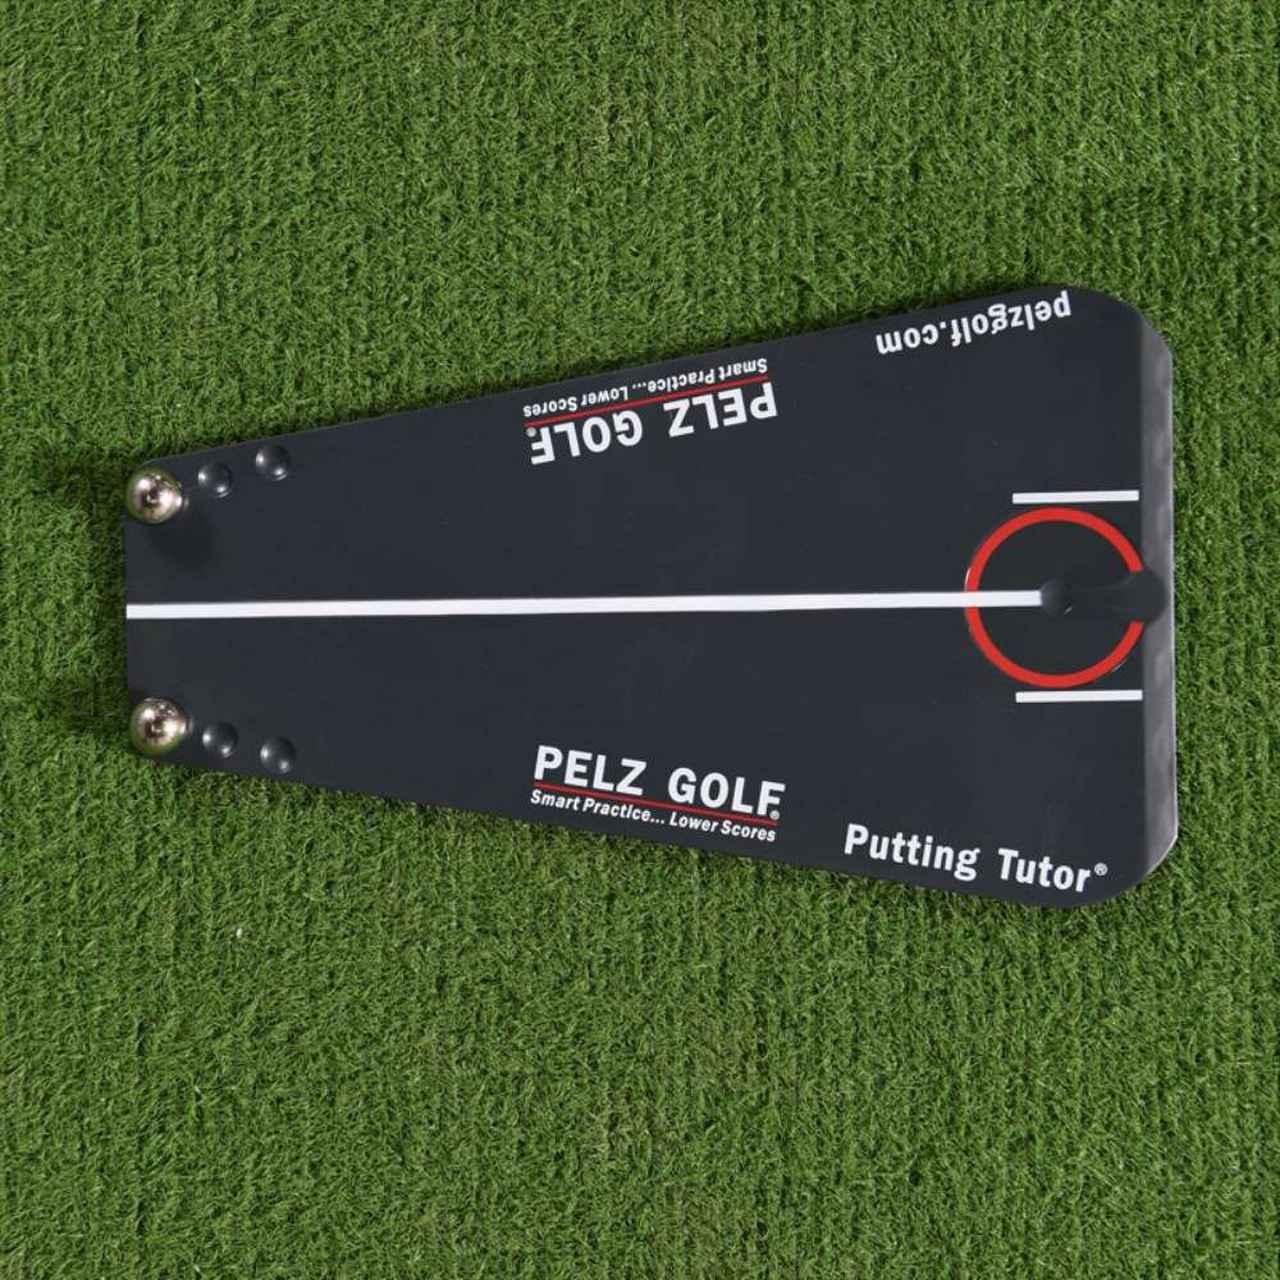 画像: 【楽天市場】ペルツゴルフ パッティングチューター(PELZ GOLF Putting Tutor):ゴルフポケット楽天市場店